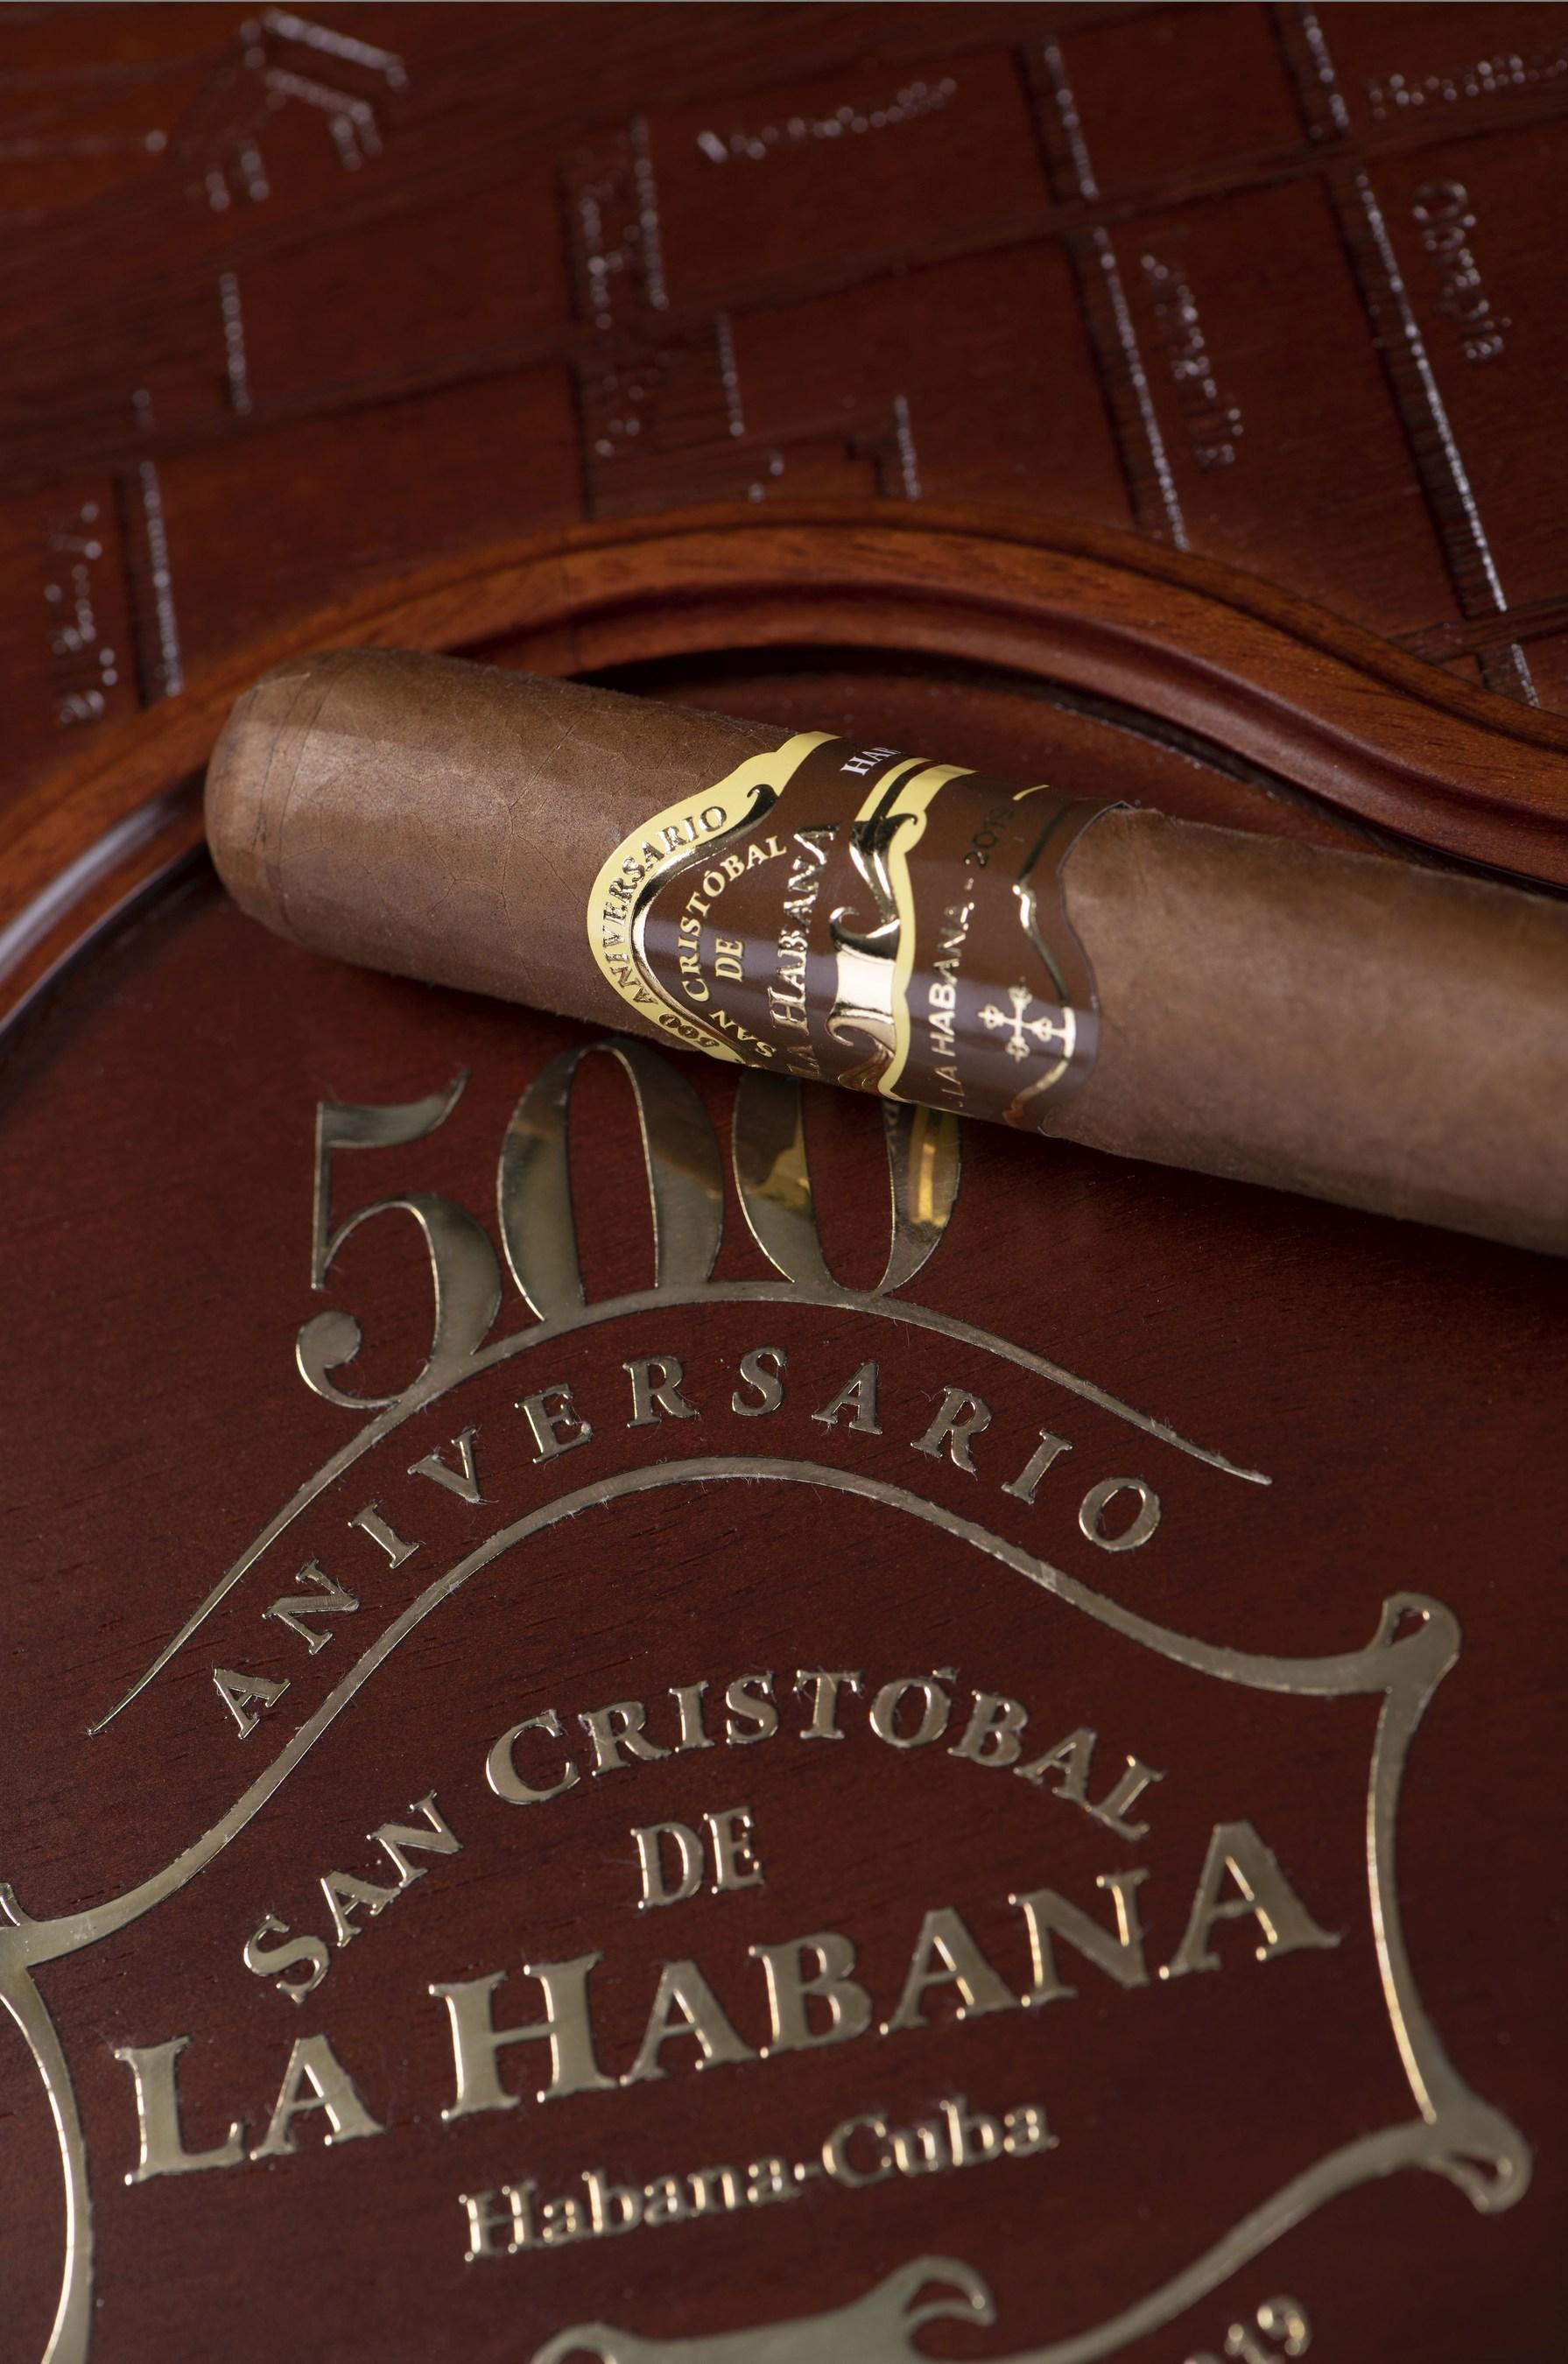 Гавана табачные изделия куплю сигареты оптом новосибирск